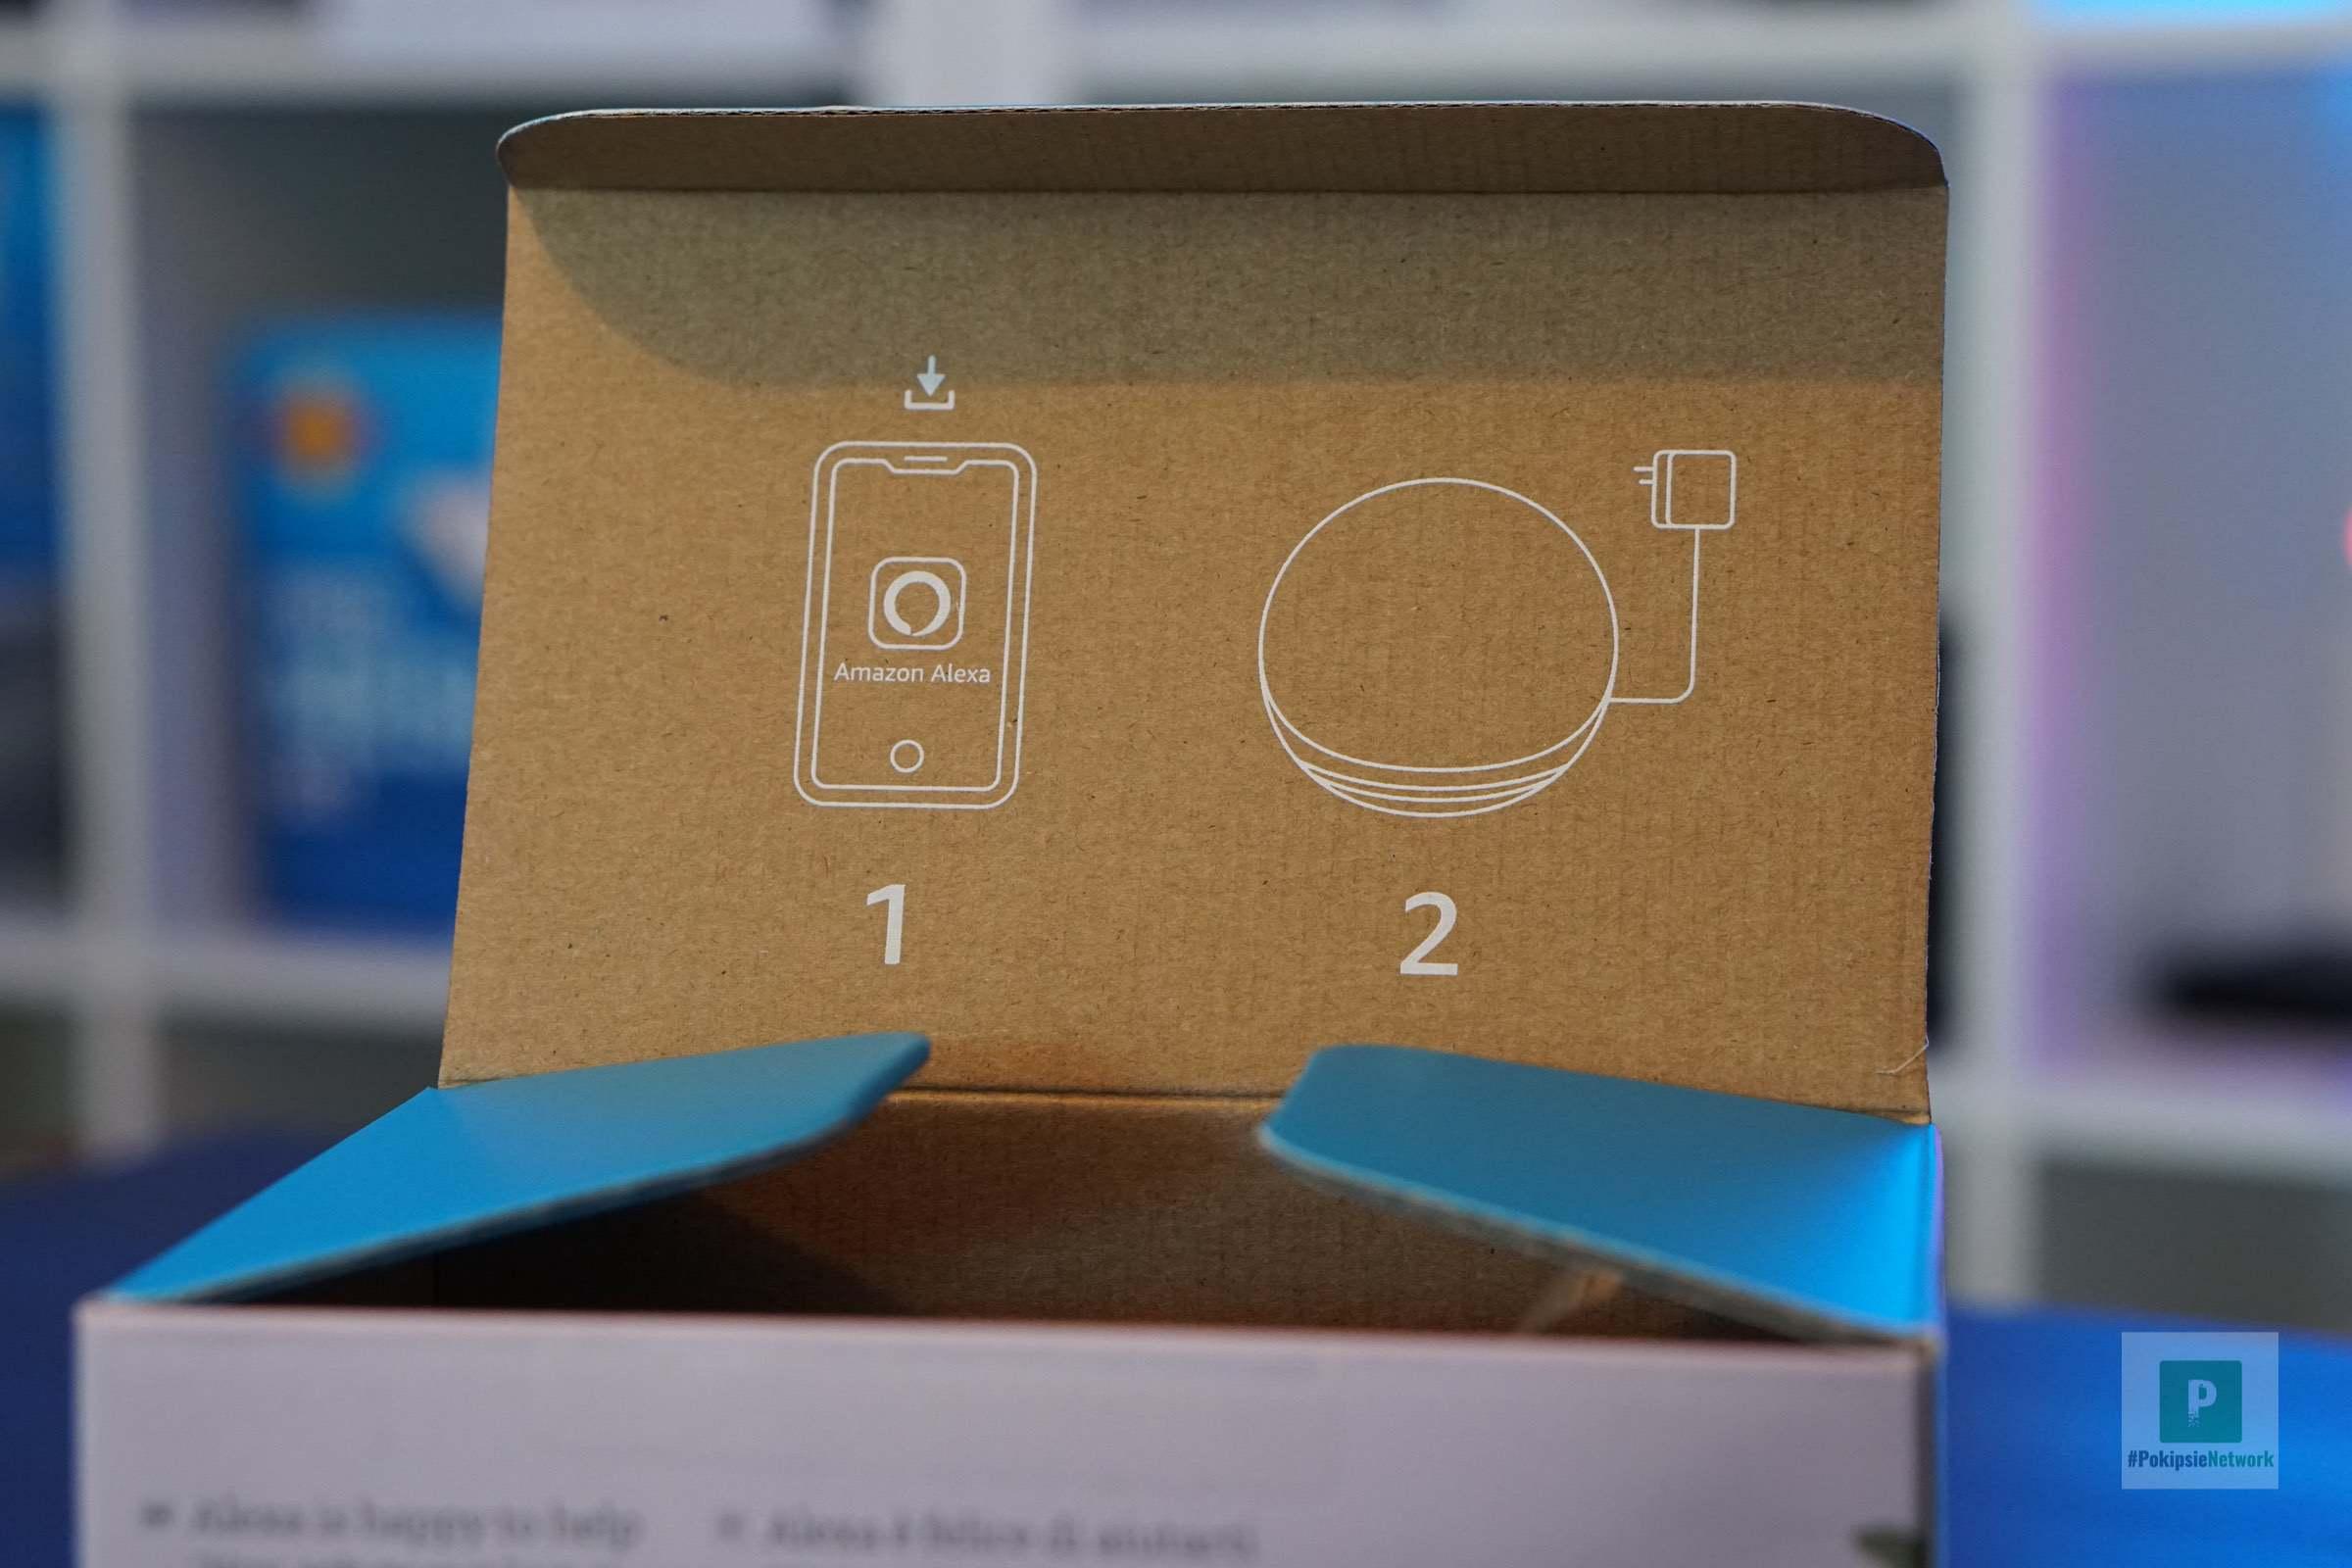 Kurzanleitung am Deckel der Verpackung